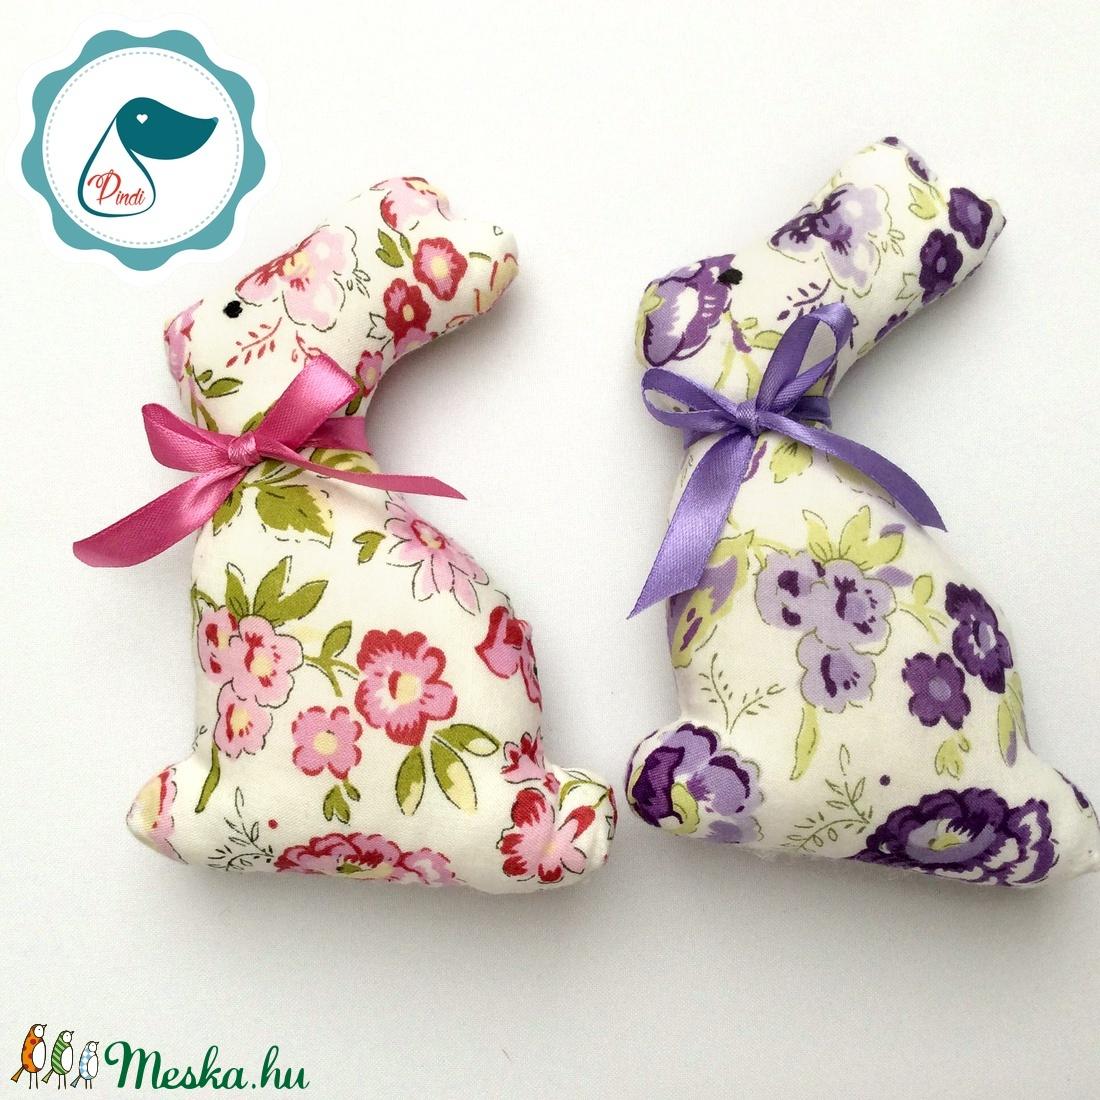 Nyuszi - rózsaszín virágos egyedi tervezésű kézműves játék - textiljáték -  húsvéti nyúl         - játék & gyerek - plüssállat & játékfigura - nyuszi - Meska.hu